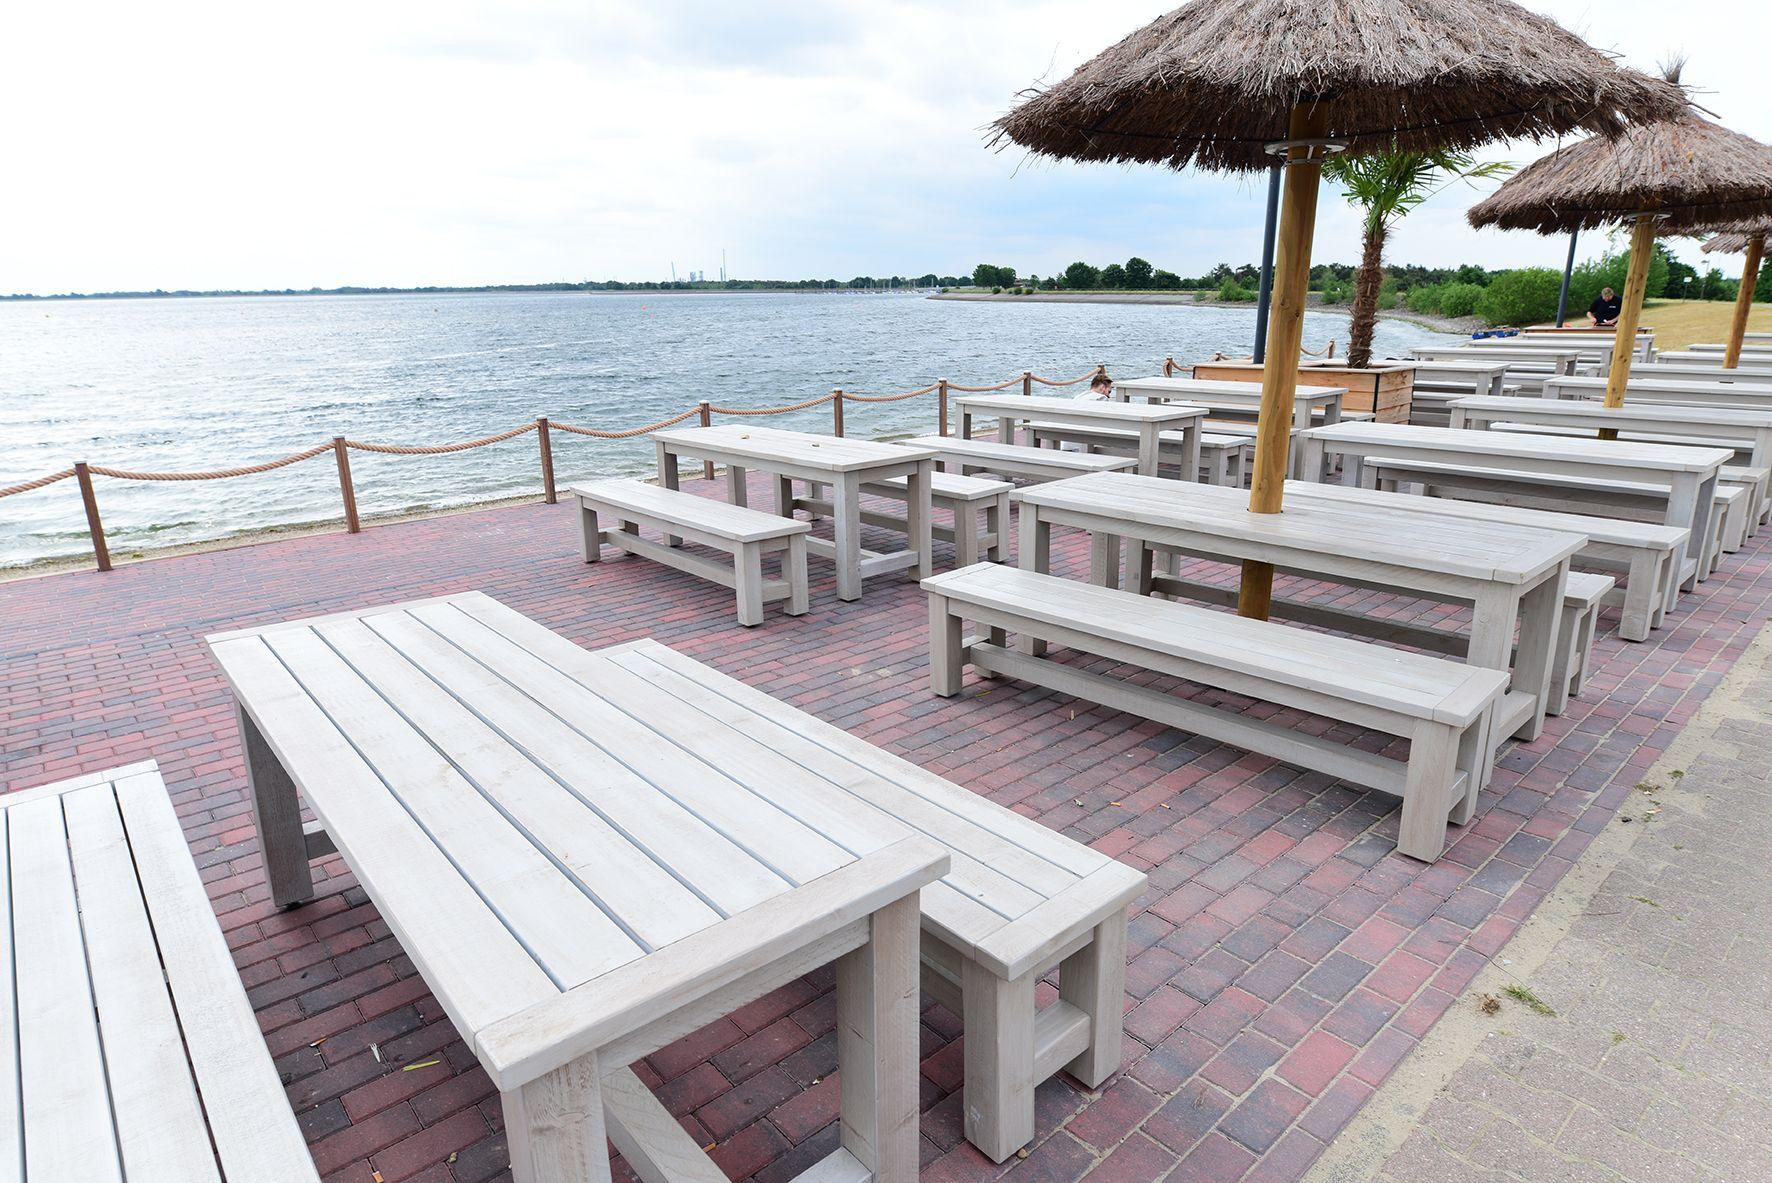 Faszinierend Schnieder Stuhlfabrik Ideen Von #außengastronomie - #restaurant Deichkrone. #outdoor-#möbel. #stuhlfabrik